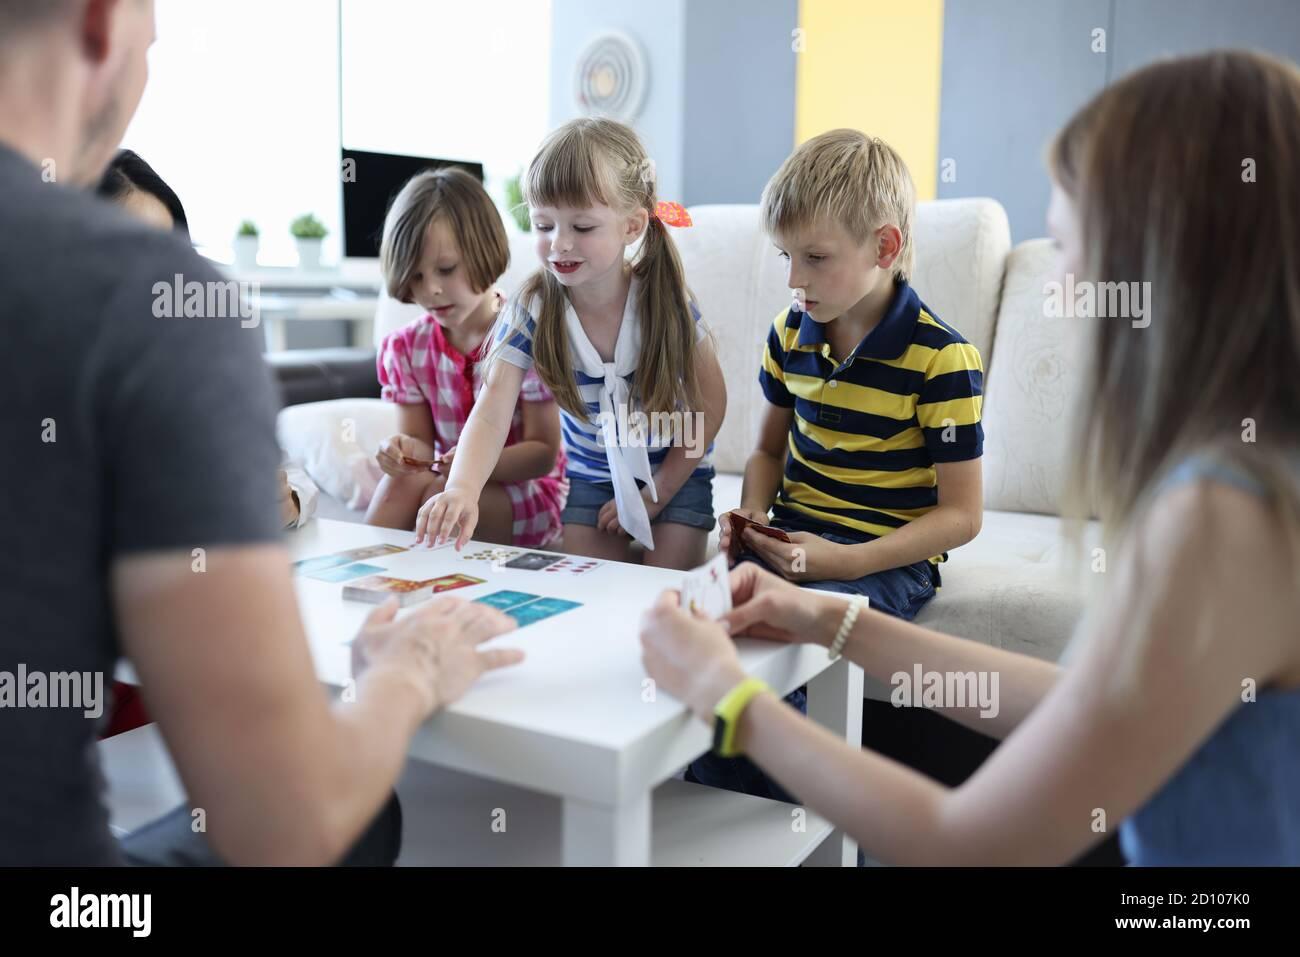 Una squadra di tre bambini e una squadra di tre adulti giocano a casa con i giochi da tavolo. Foto Stock